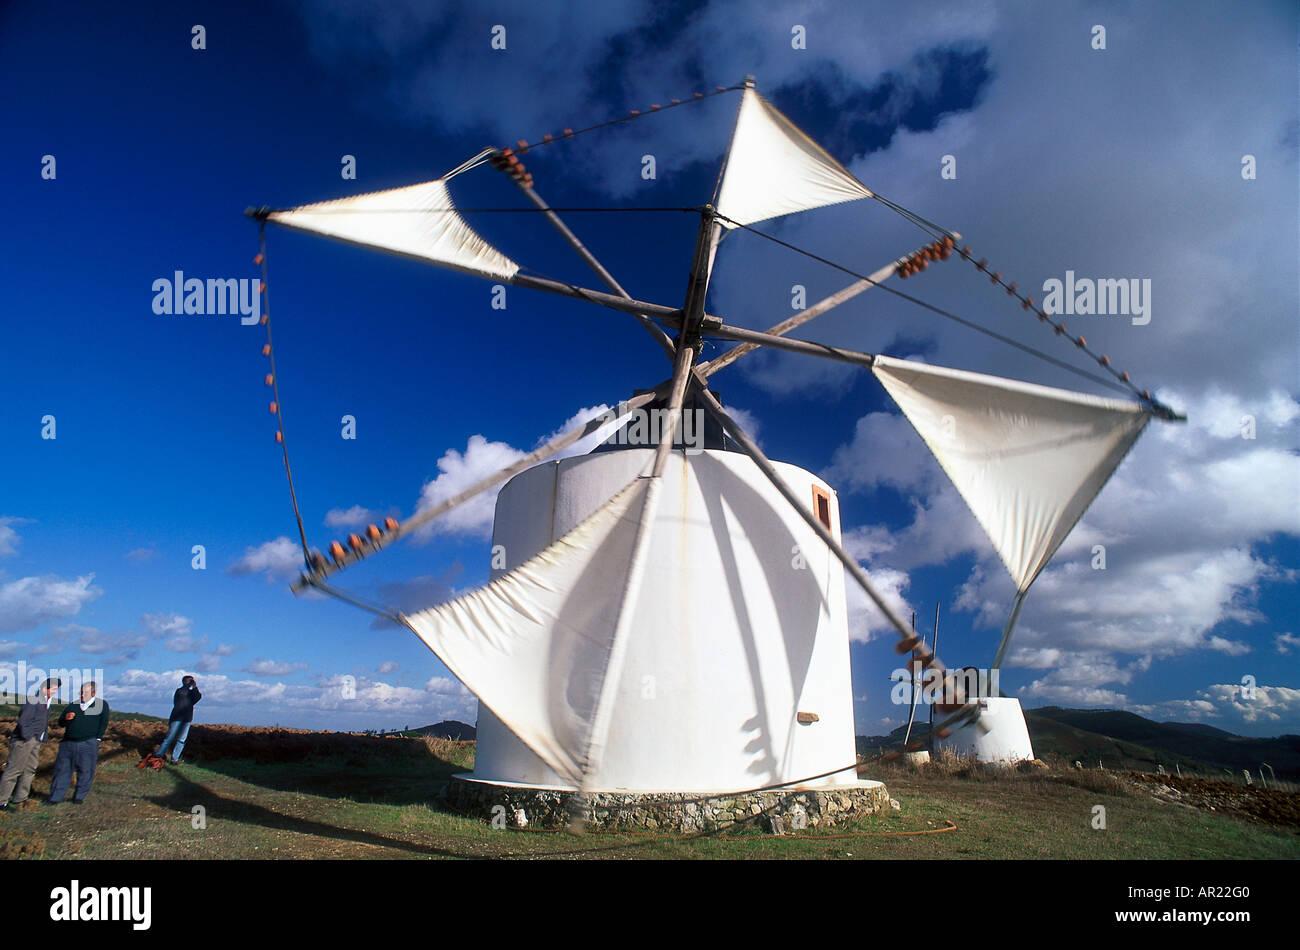 Windmill, Peniche Portugal - Stock Image